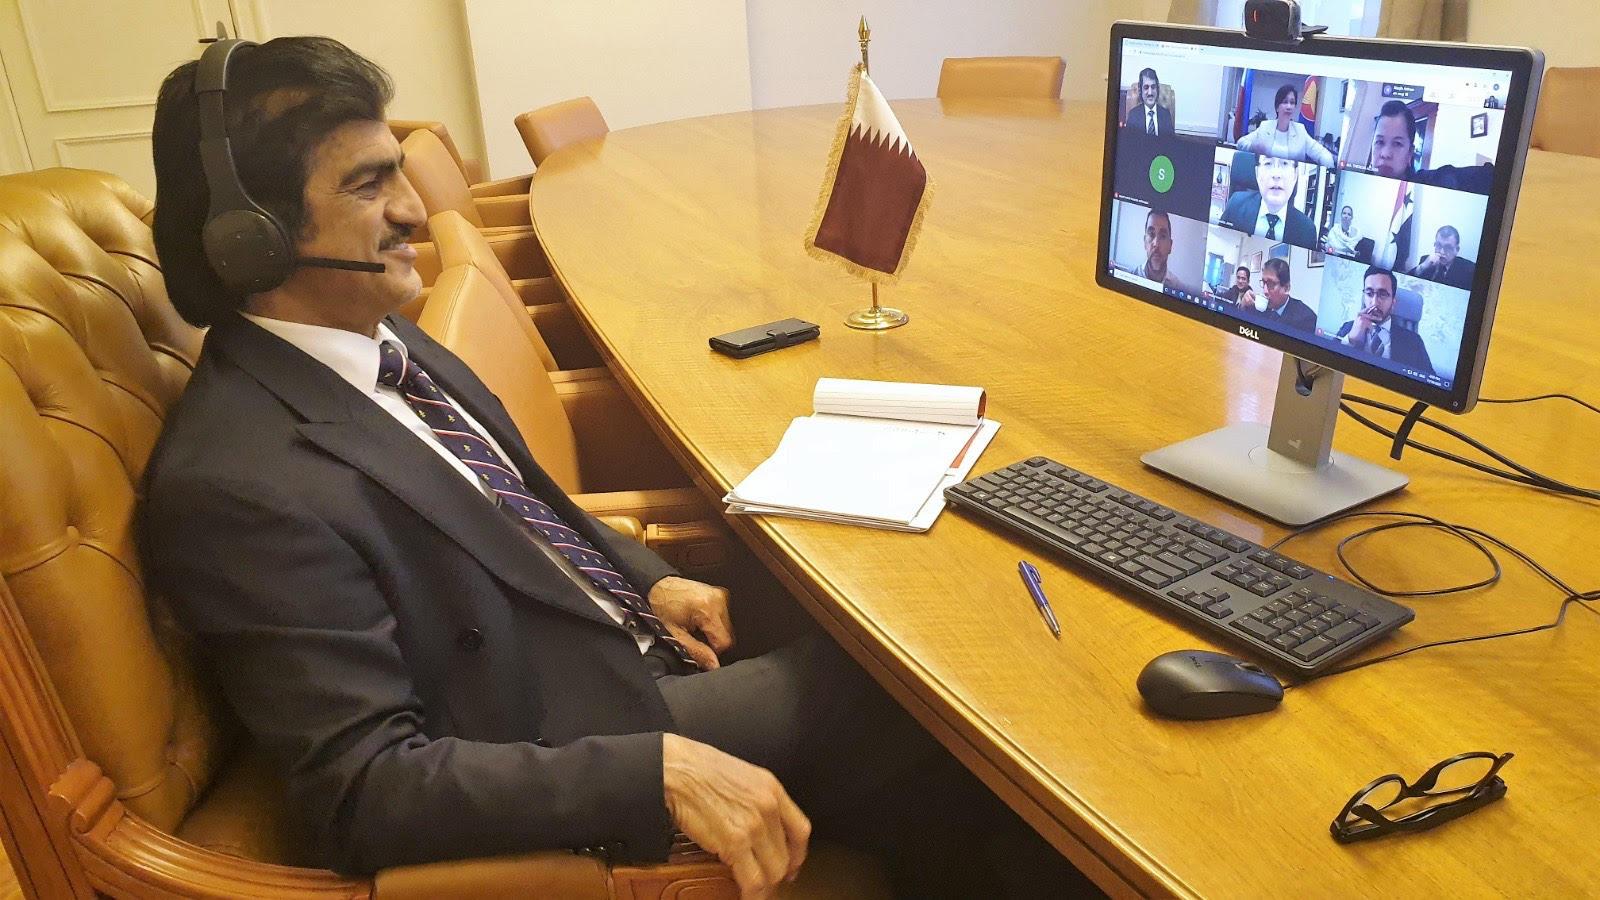 دولة قطر تشارك في الاجتماع الافتراضي لسفراء دول المجموعة الآسيوية الأعضاء في منظمة حظر الأسلحة الكيميائية